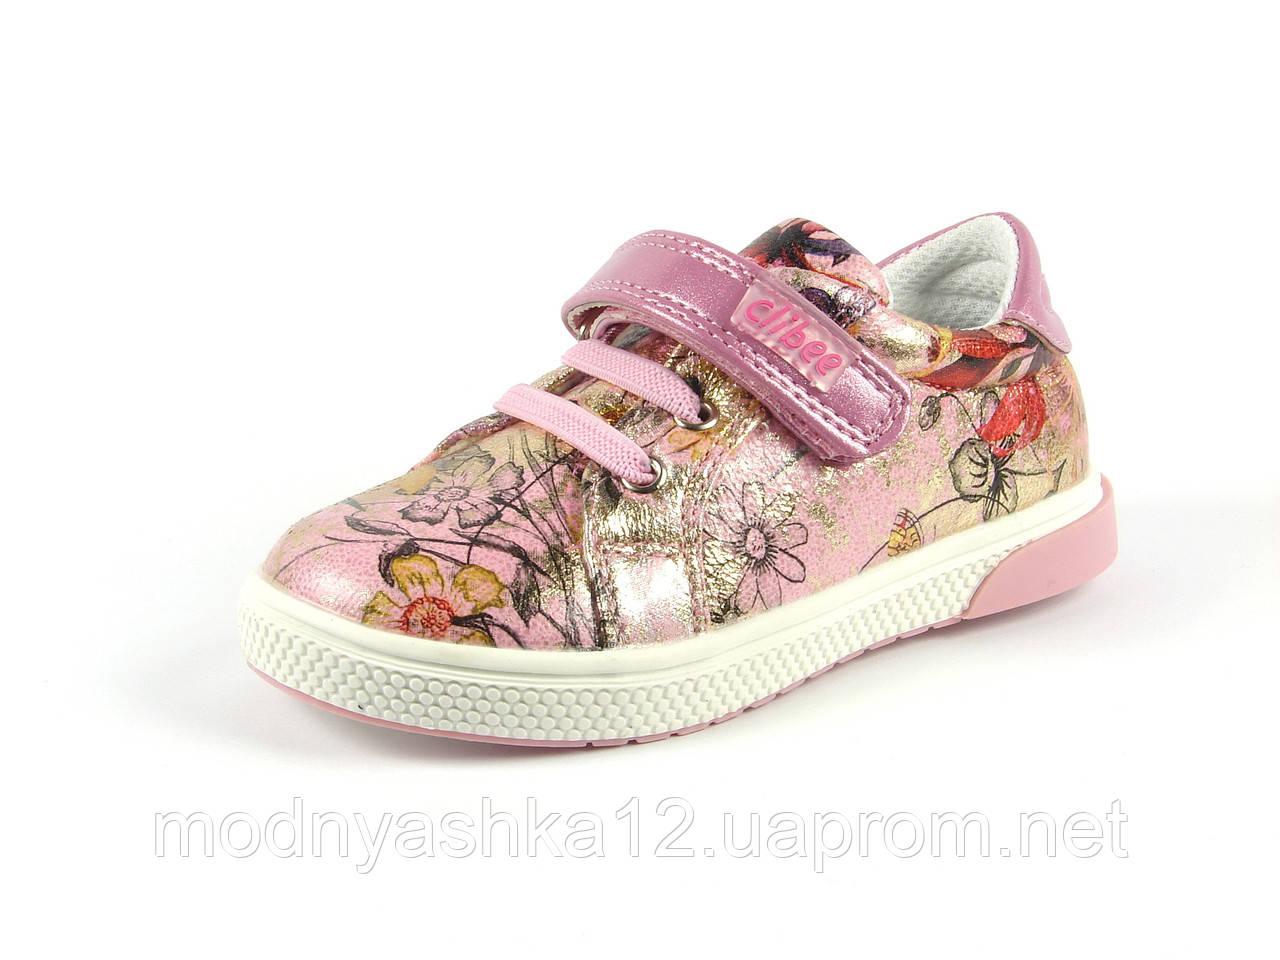 Детские туфли-мокасины Clibee для девочек a4abc189d0ca9